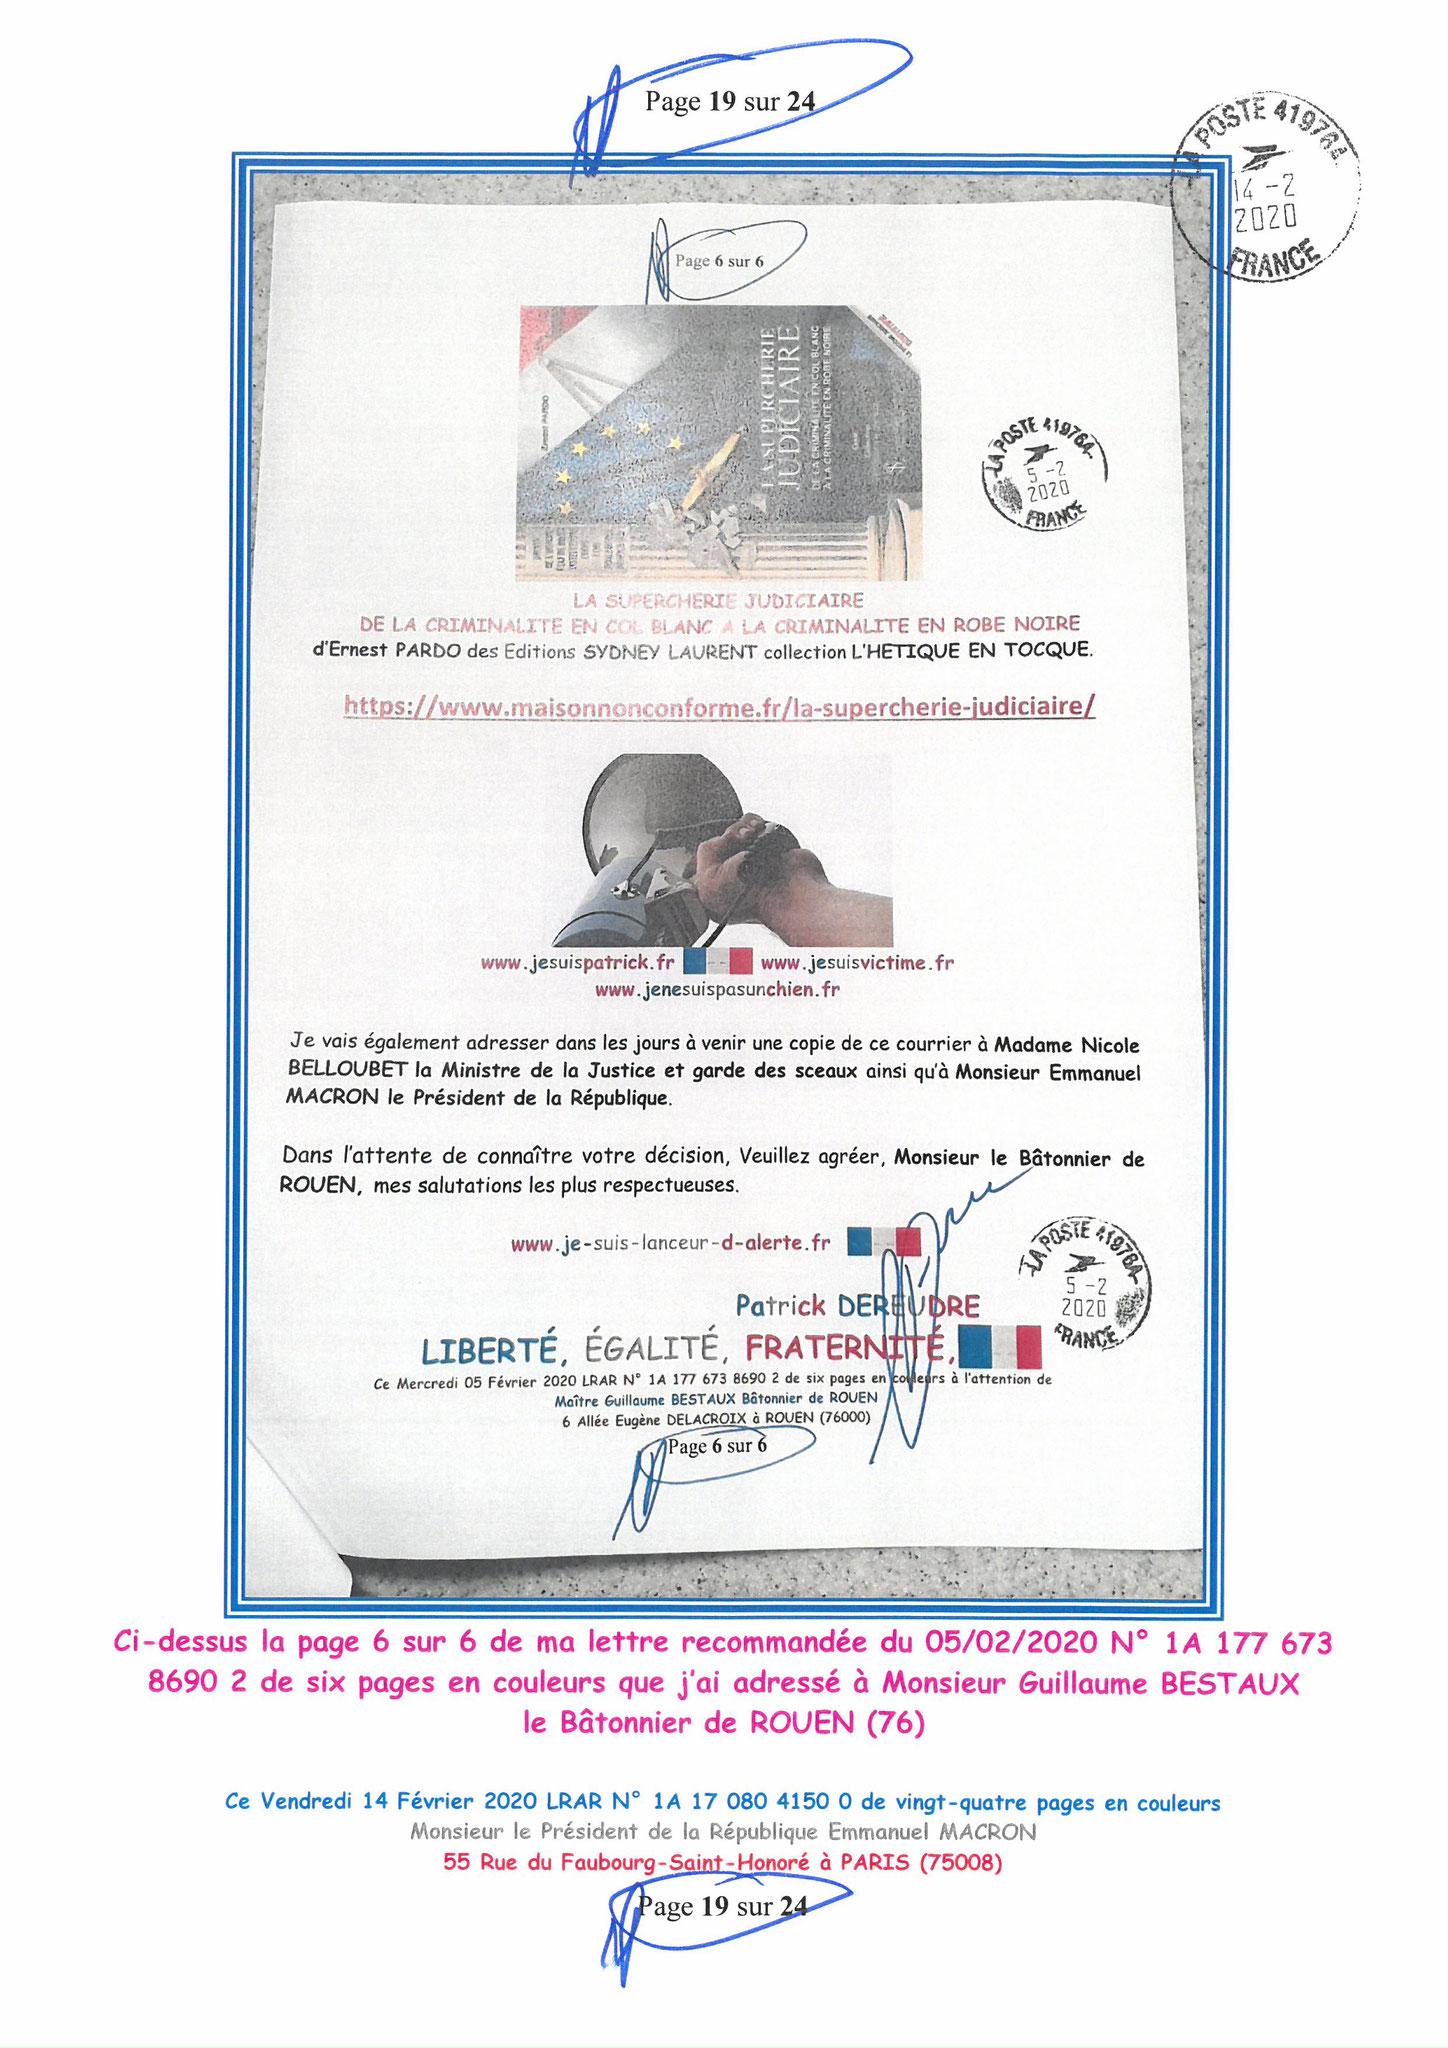 Ma lettre recommandée du 14 Février 2020 N° 1A 178 082 4150 0  page 19 sur 24 en couleur que j'ai adressé à Monsieur Emmanuel MACRON le Président de la République www.jesuispatrick.fr